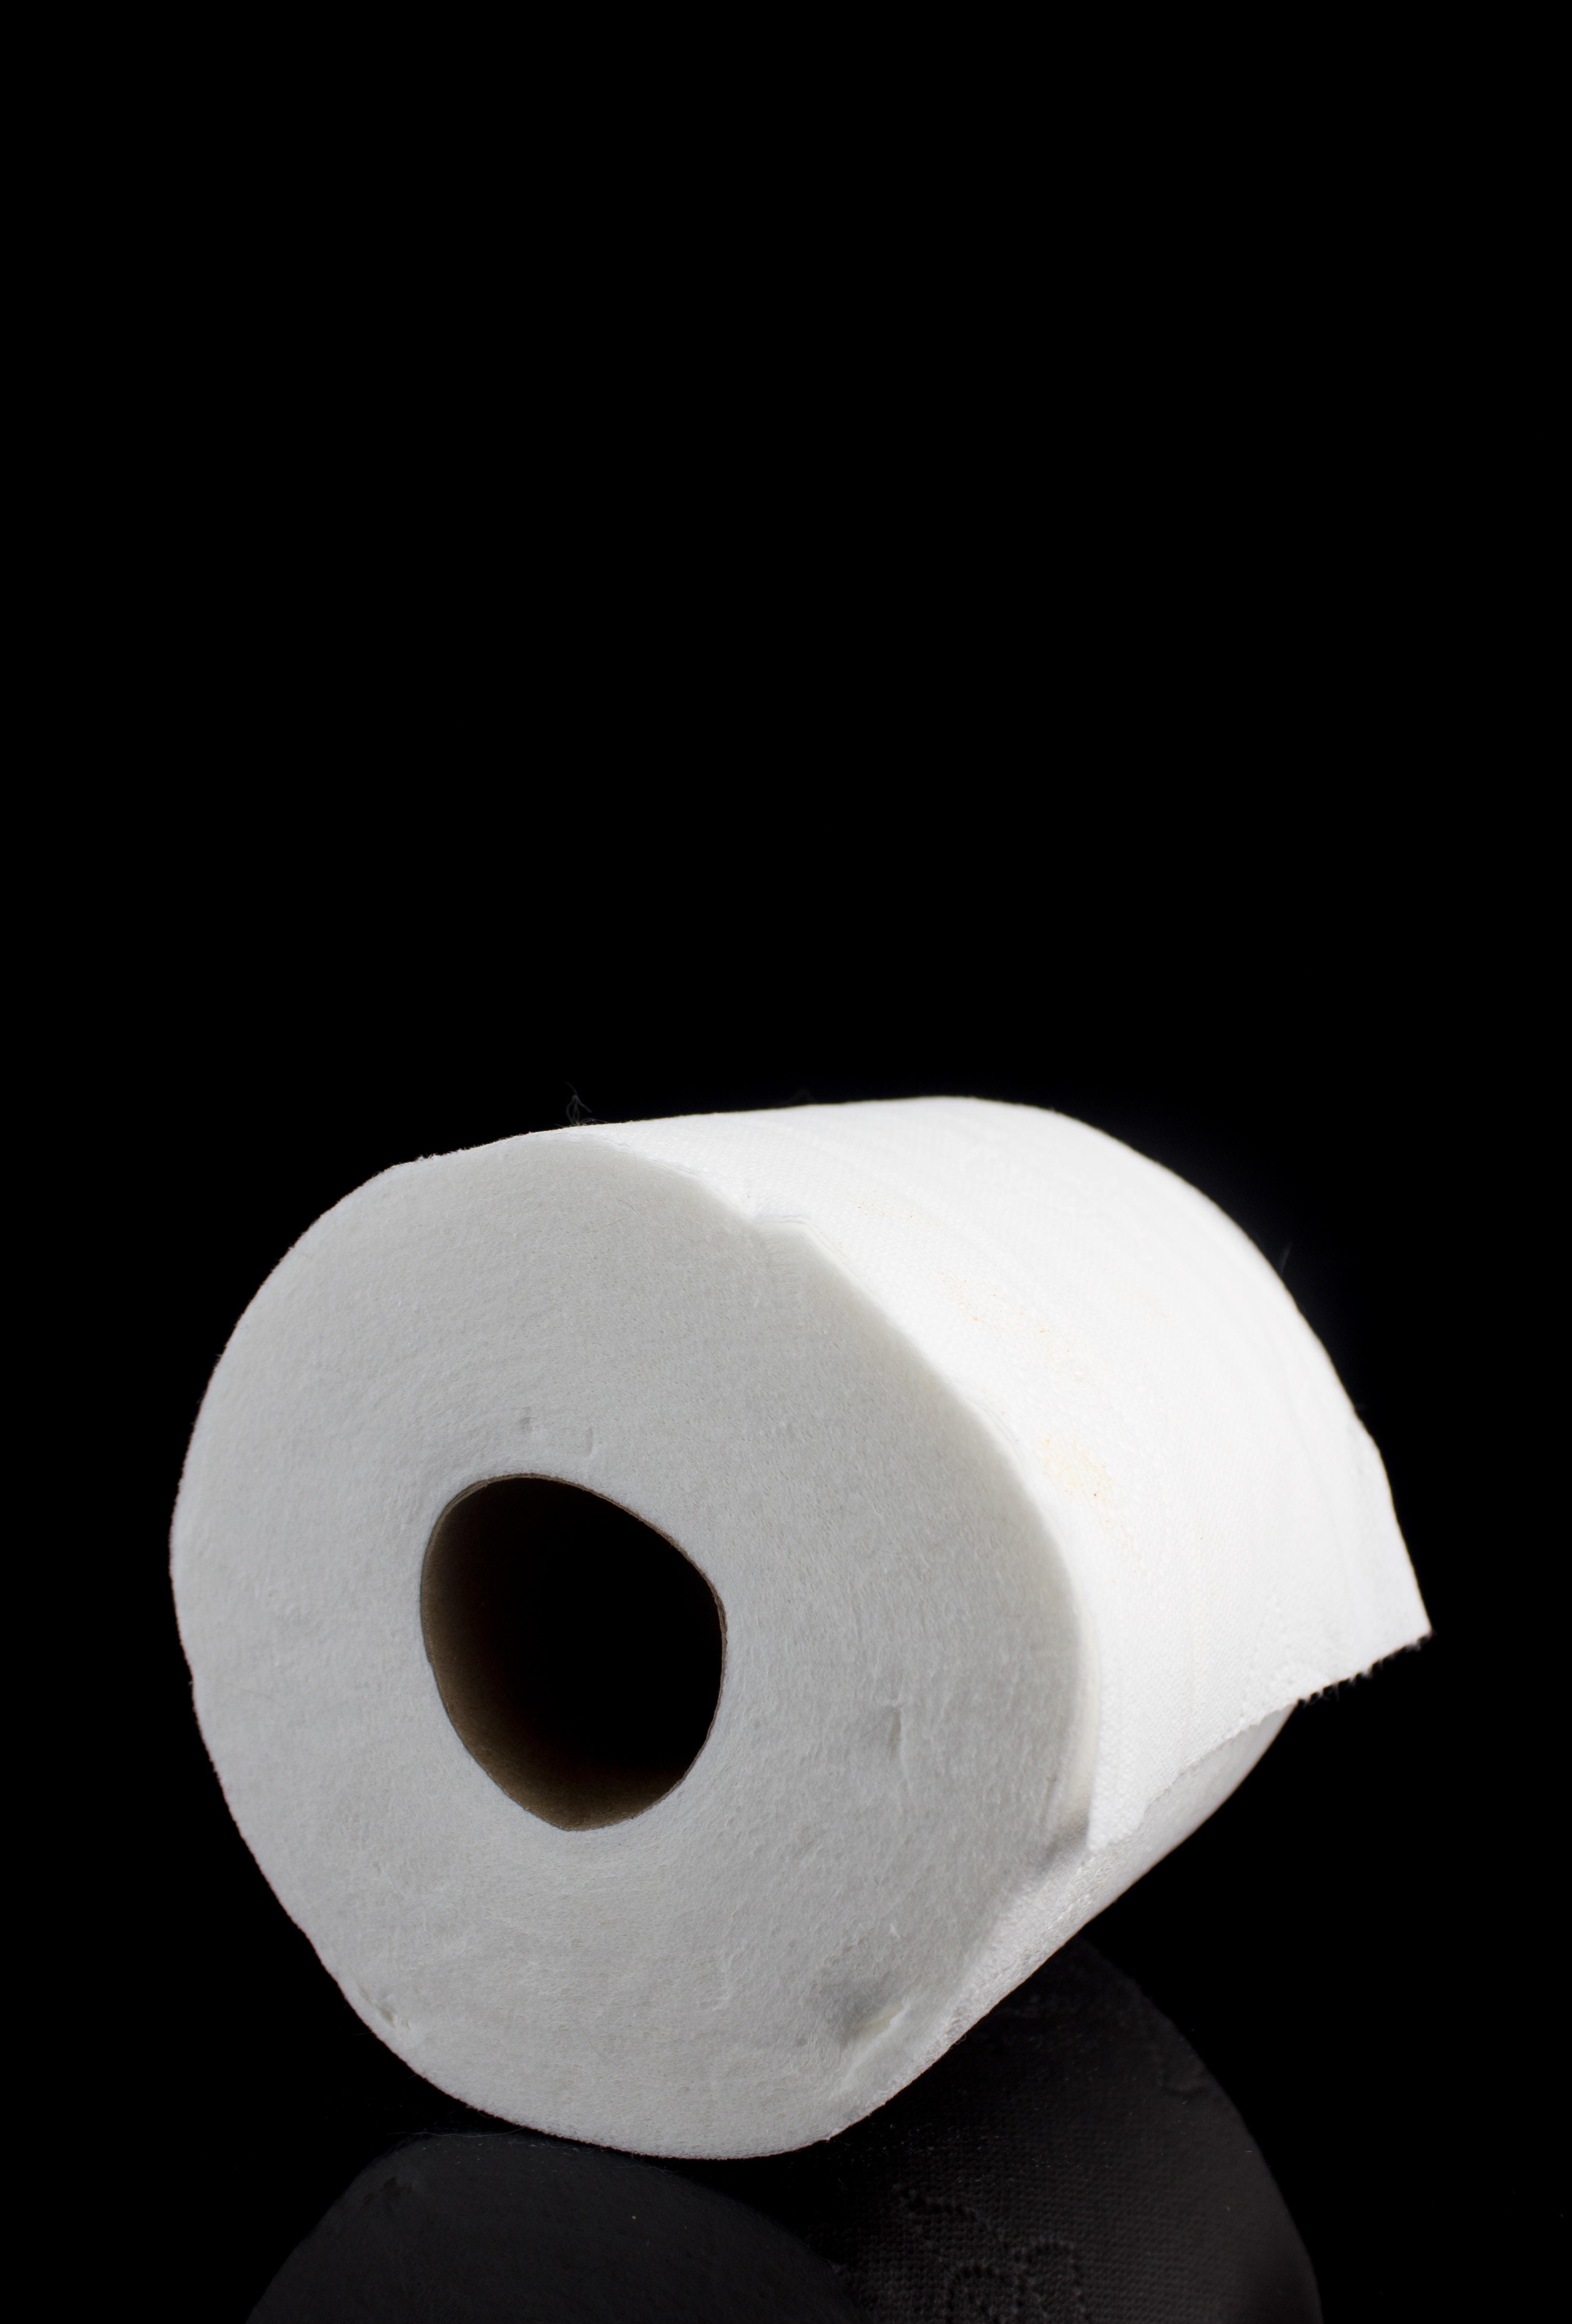 white tissue roll